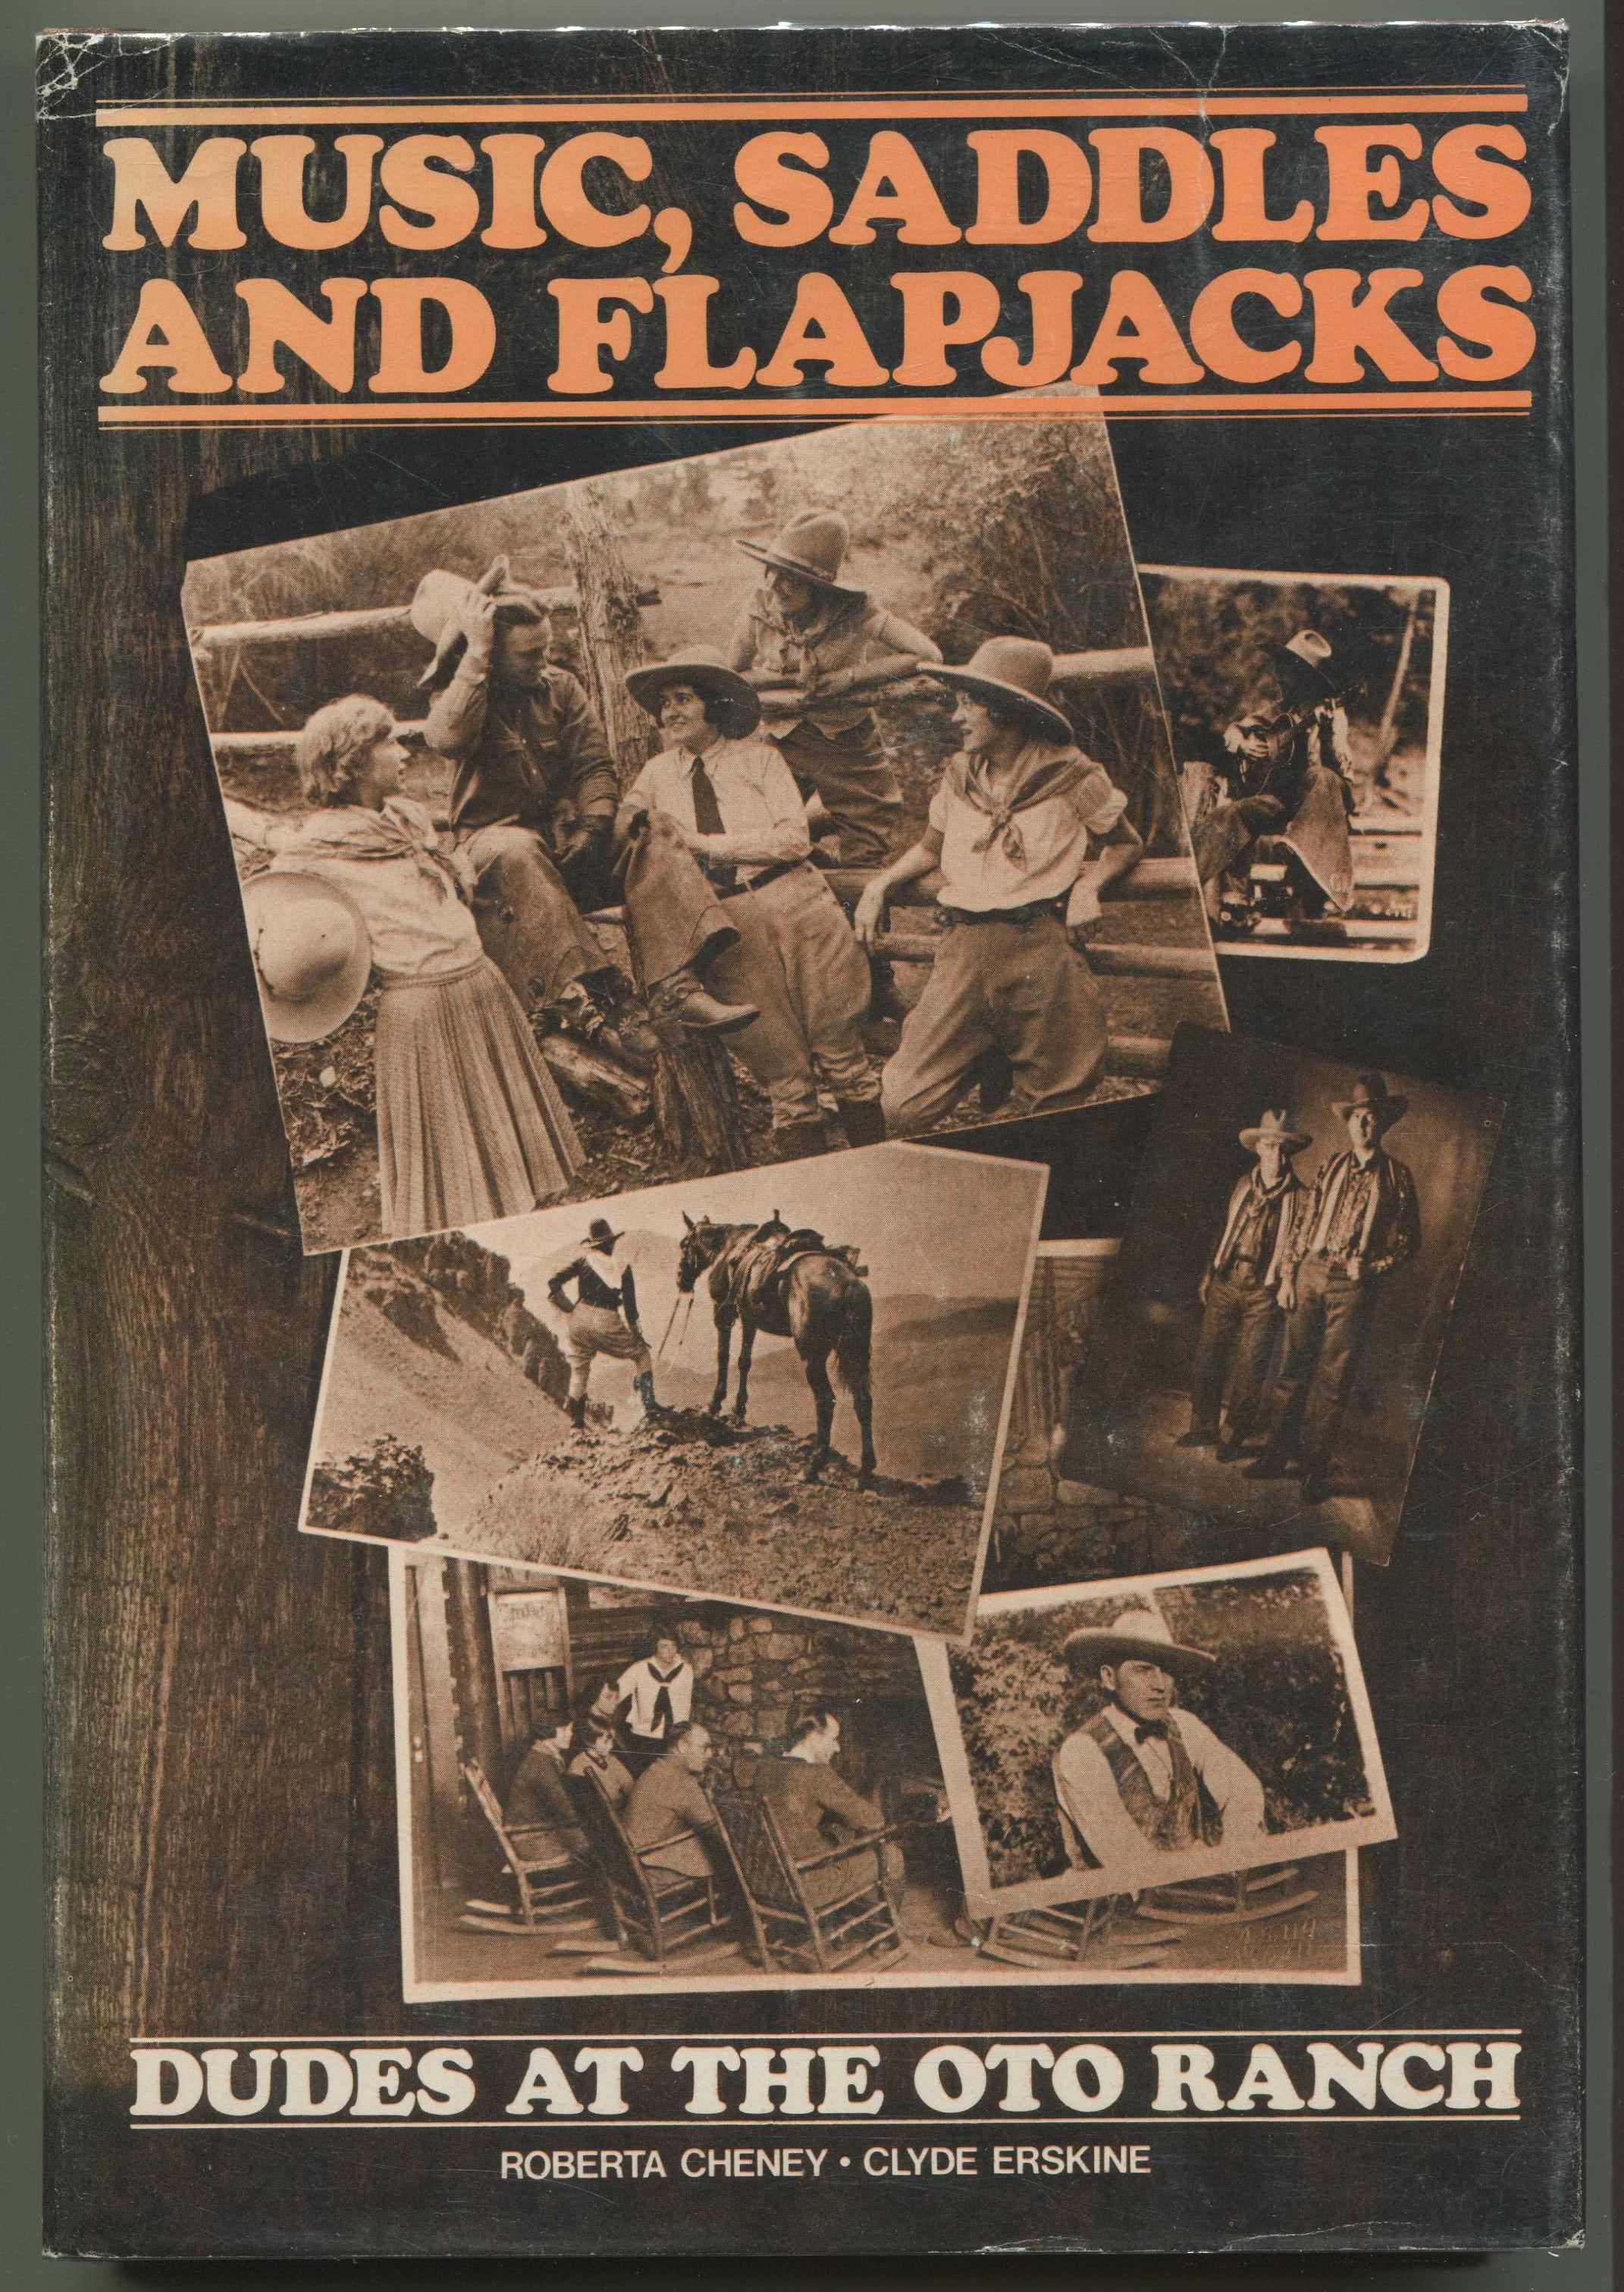 Image for Music, Saddles and Flapjacks